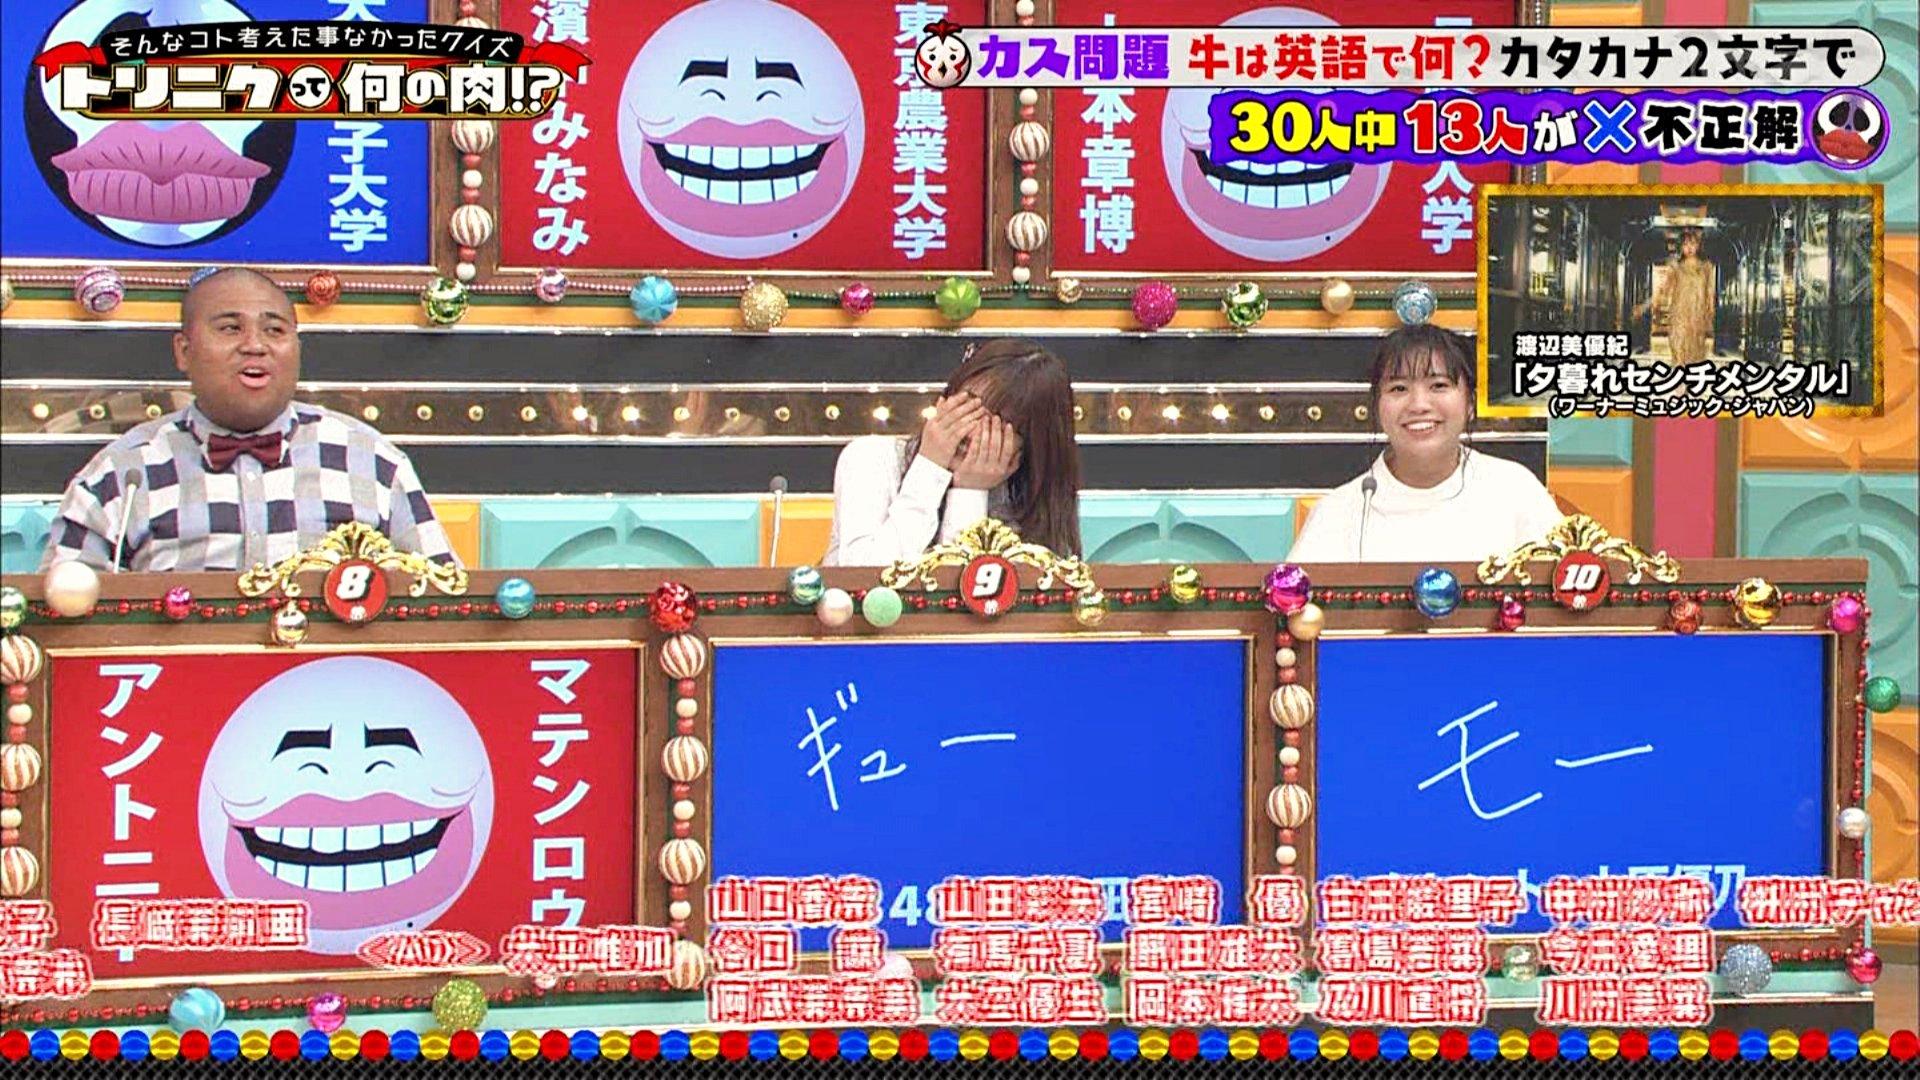 【渋谷凪咲/山田菜々】なぎさ出演5月14日「トリニクって何の肉!?」の画像。ギュー🐮